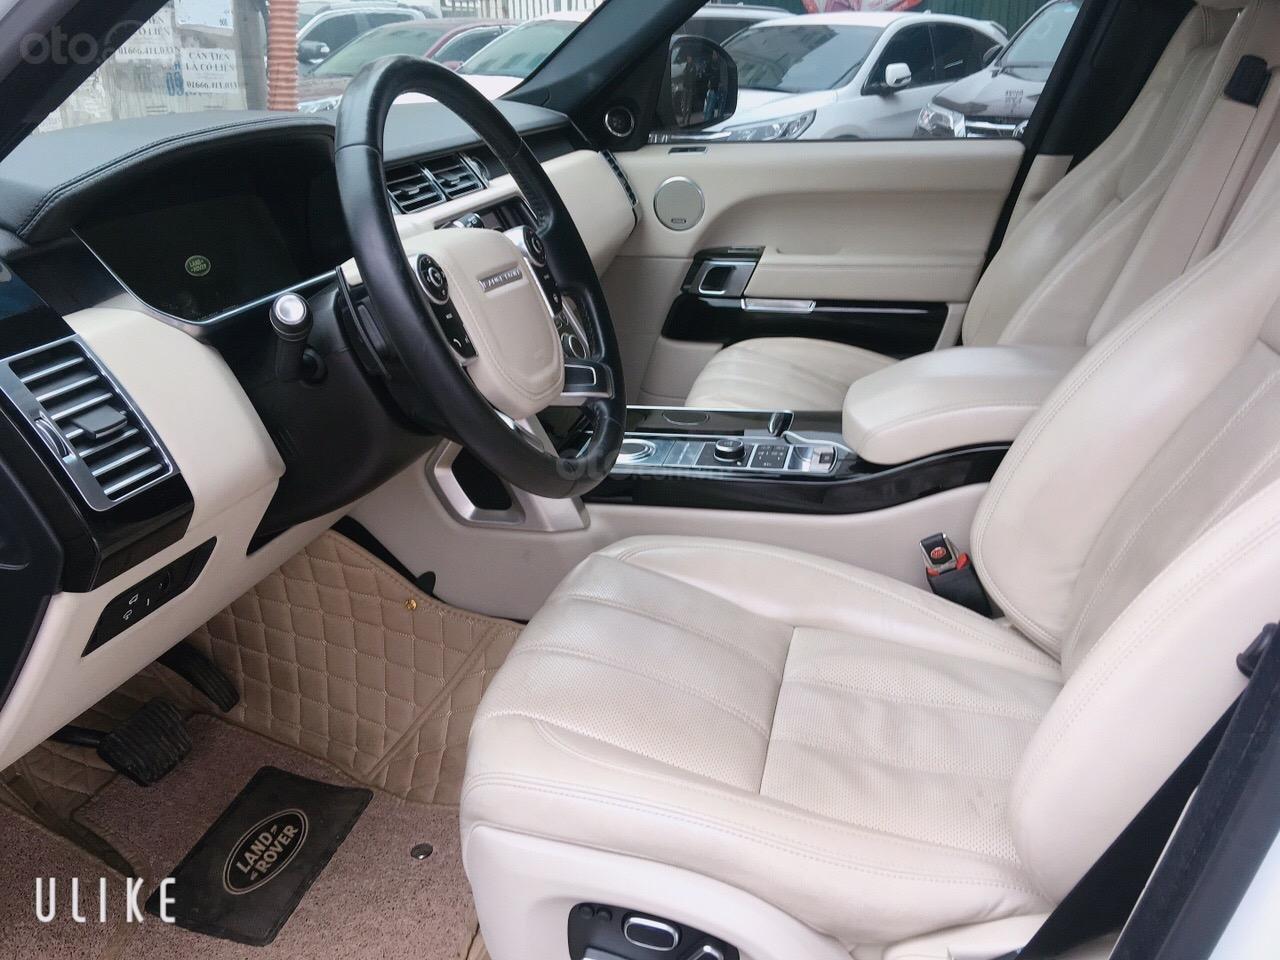 Cần bán xe LandRover Range Rover HSE đời 2014, màu trắng, nhập khẩu nguyên chiếc-2